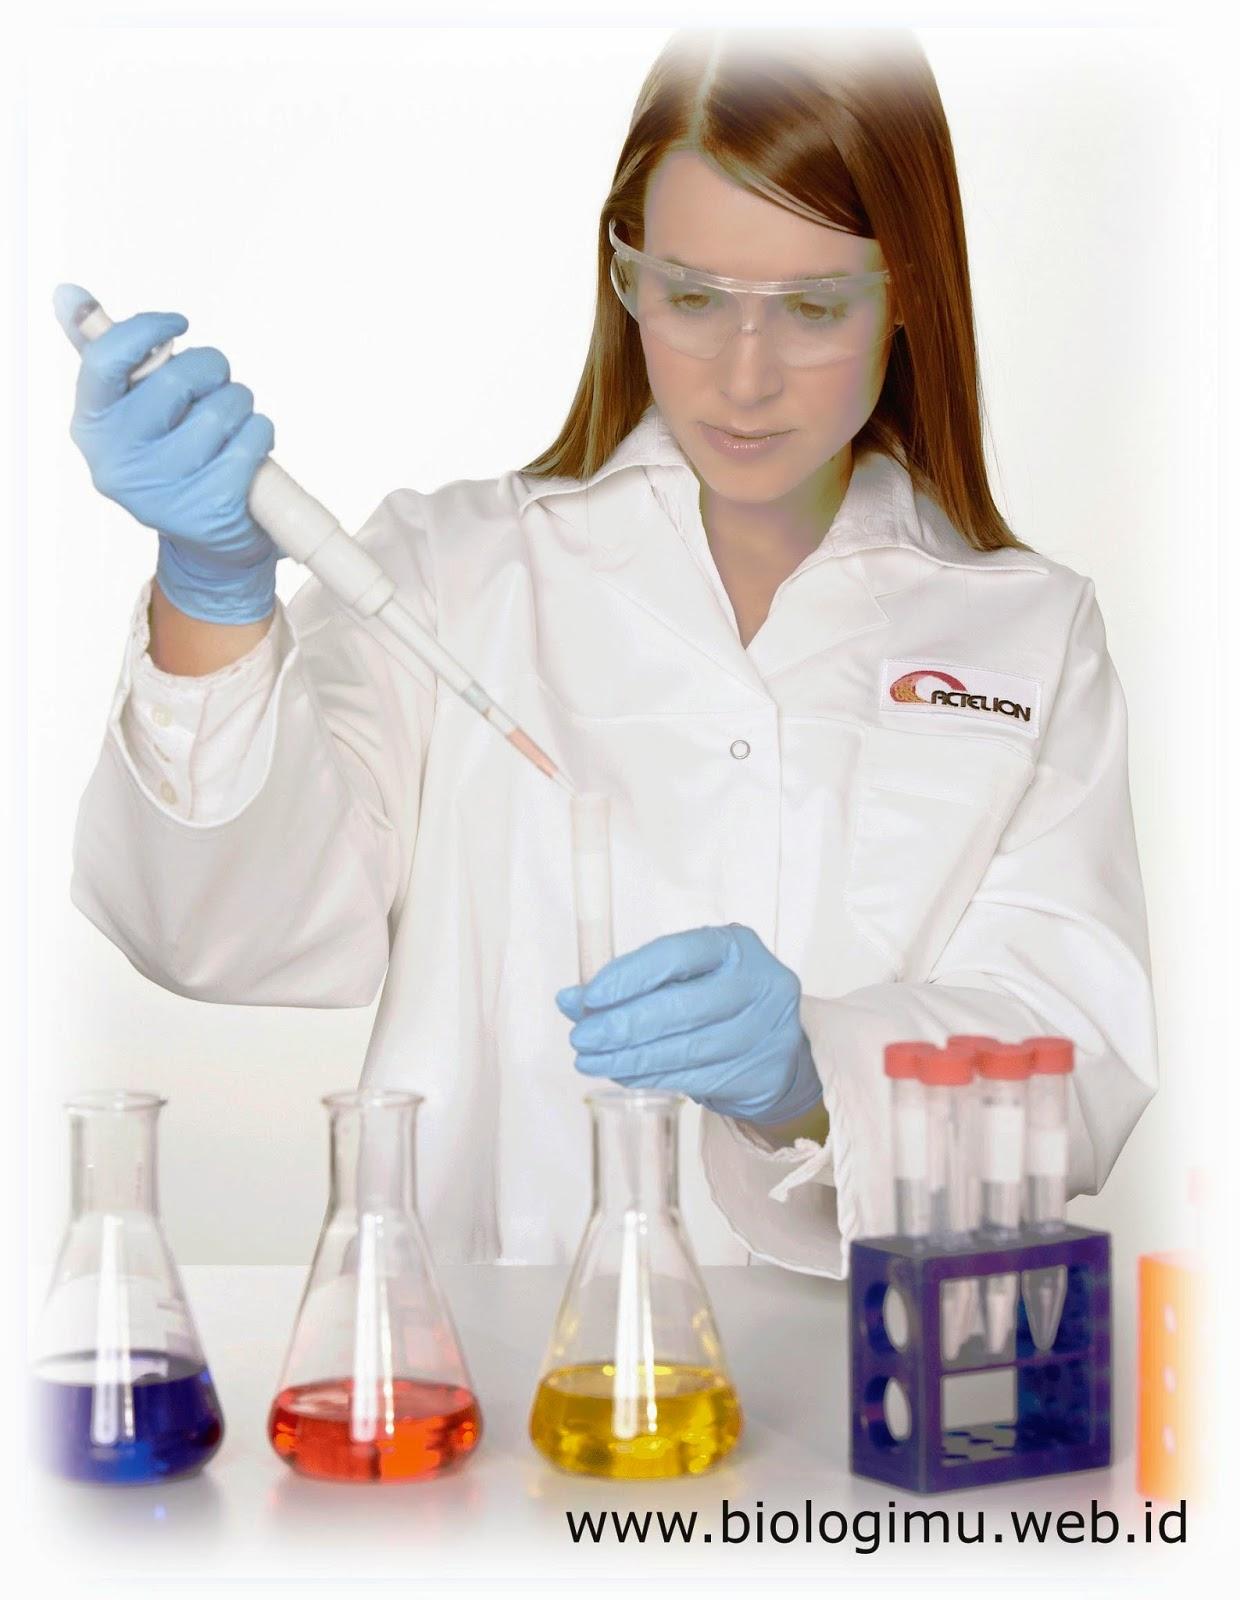 metode ilmiah biologi, contoh, langkah-langkah, pengertian